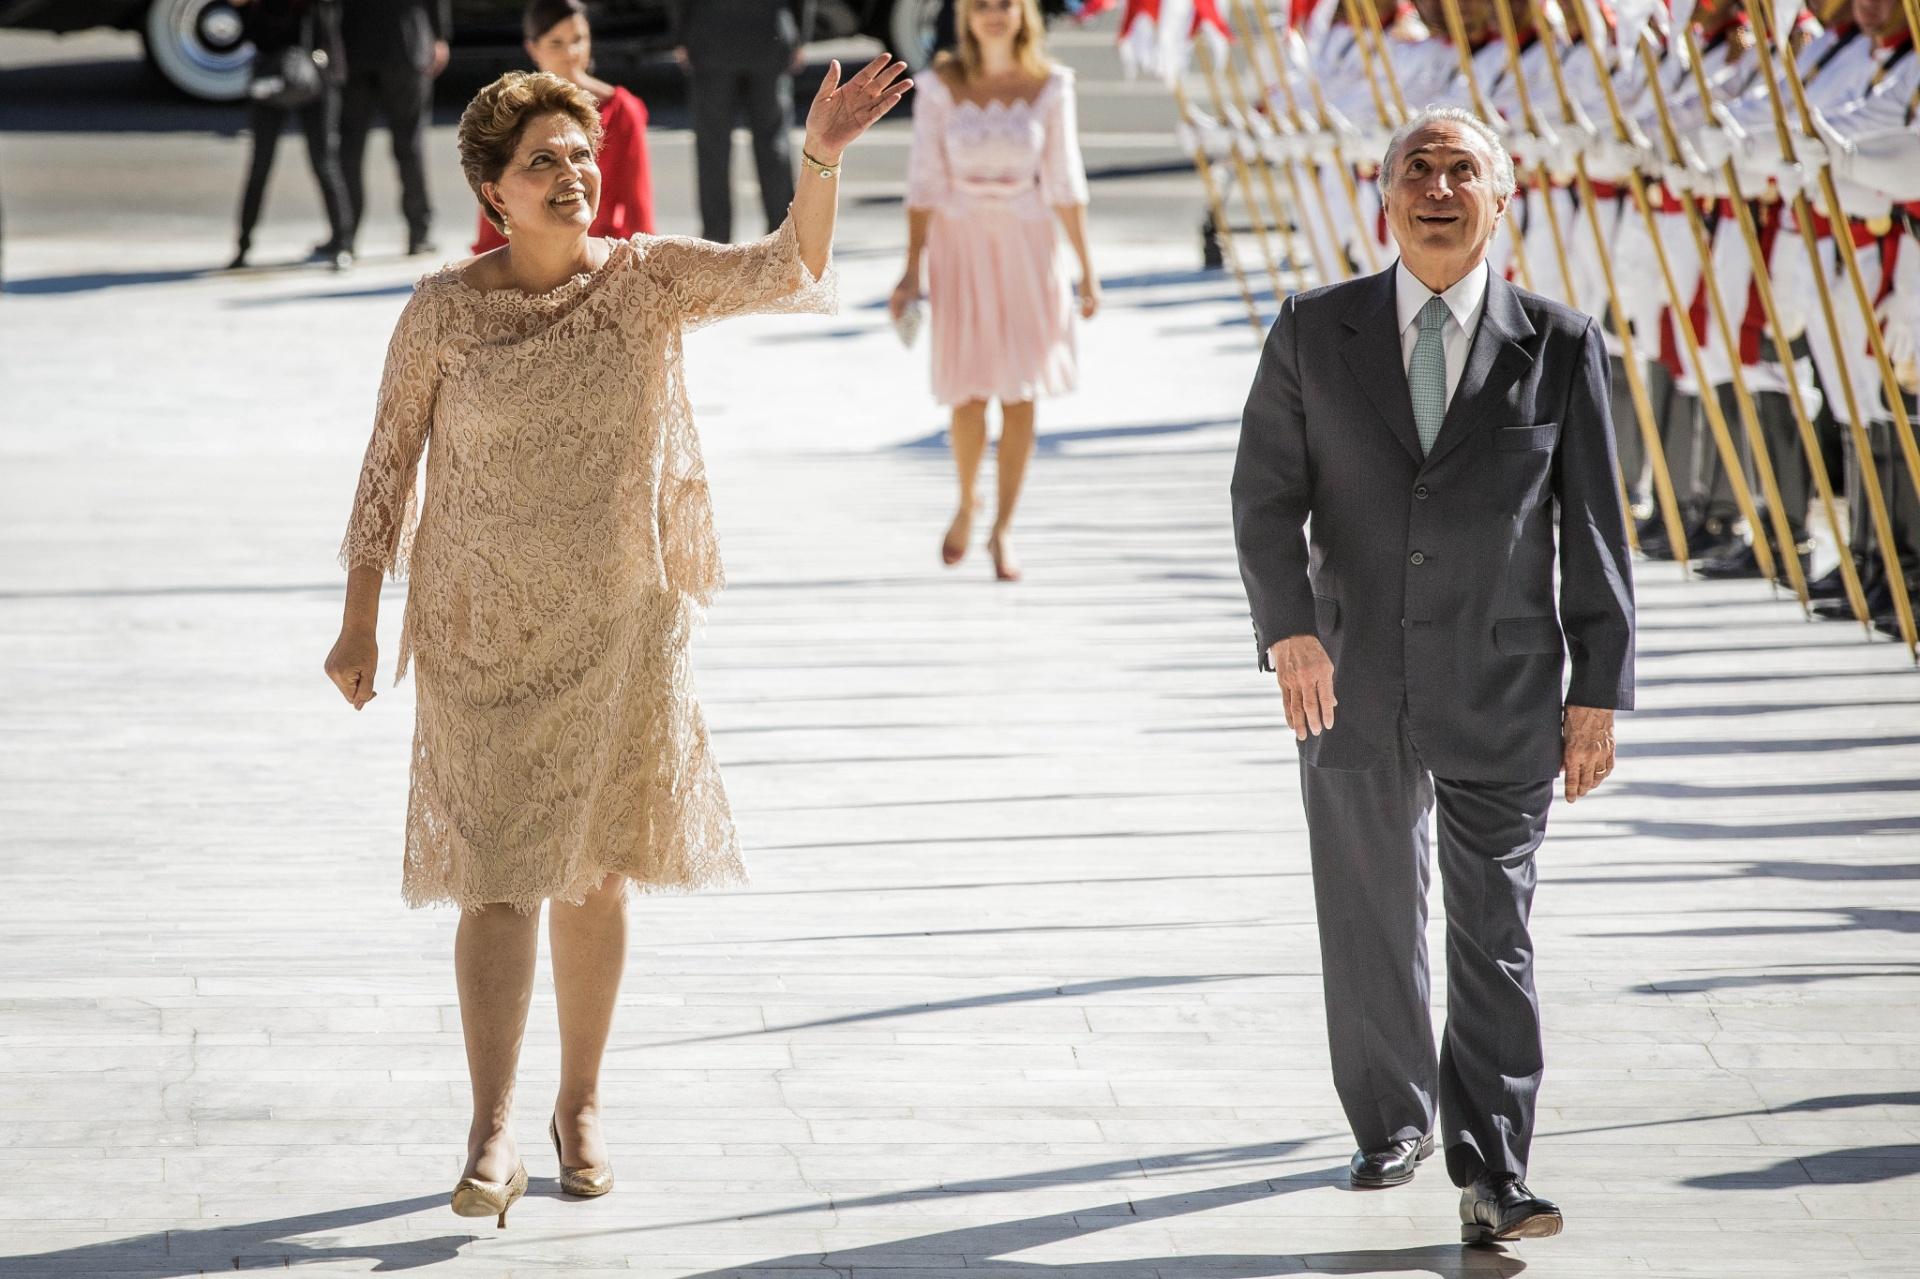 1º.jan.2015 - A presidente da República reeleita Dilma Rousseff ao lado do vice-presidente Michel Temer (PMDB), durante cerimônia de posse, no Palácio do Planalto, em Brasília